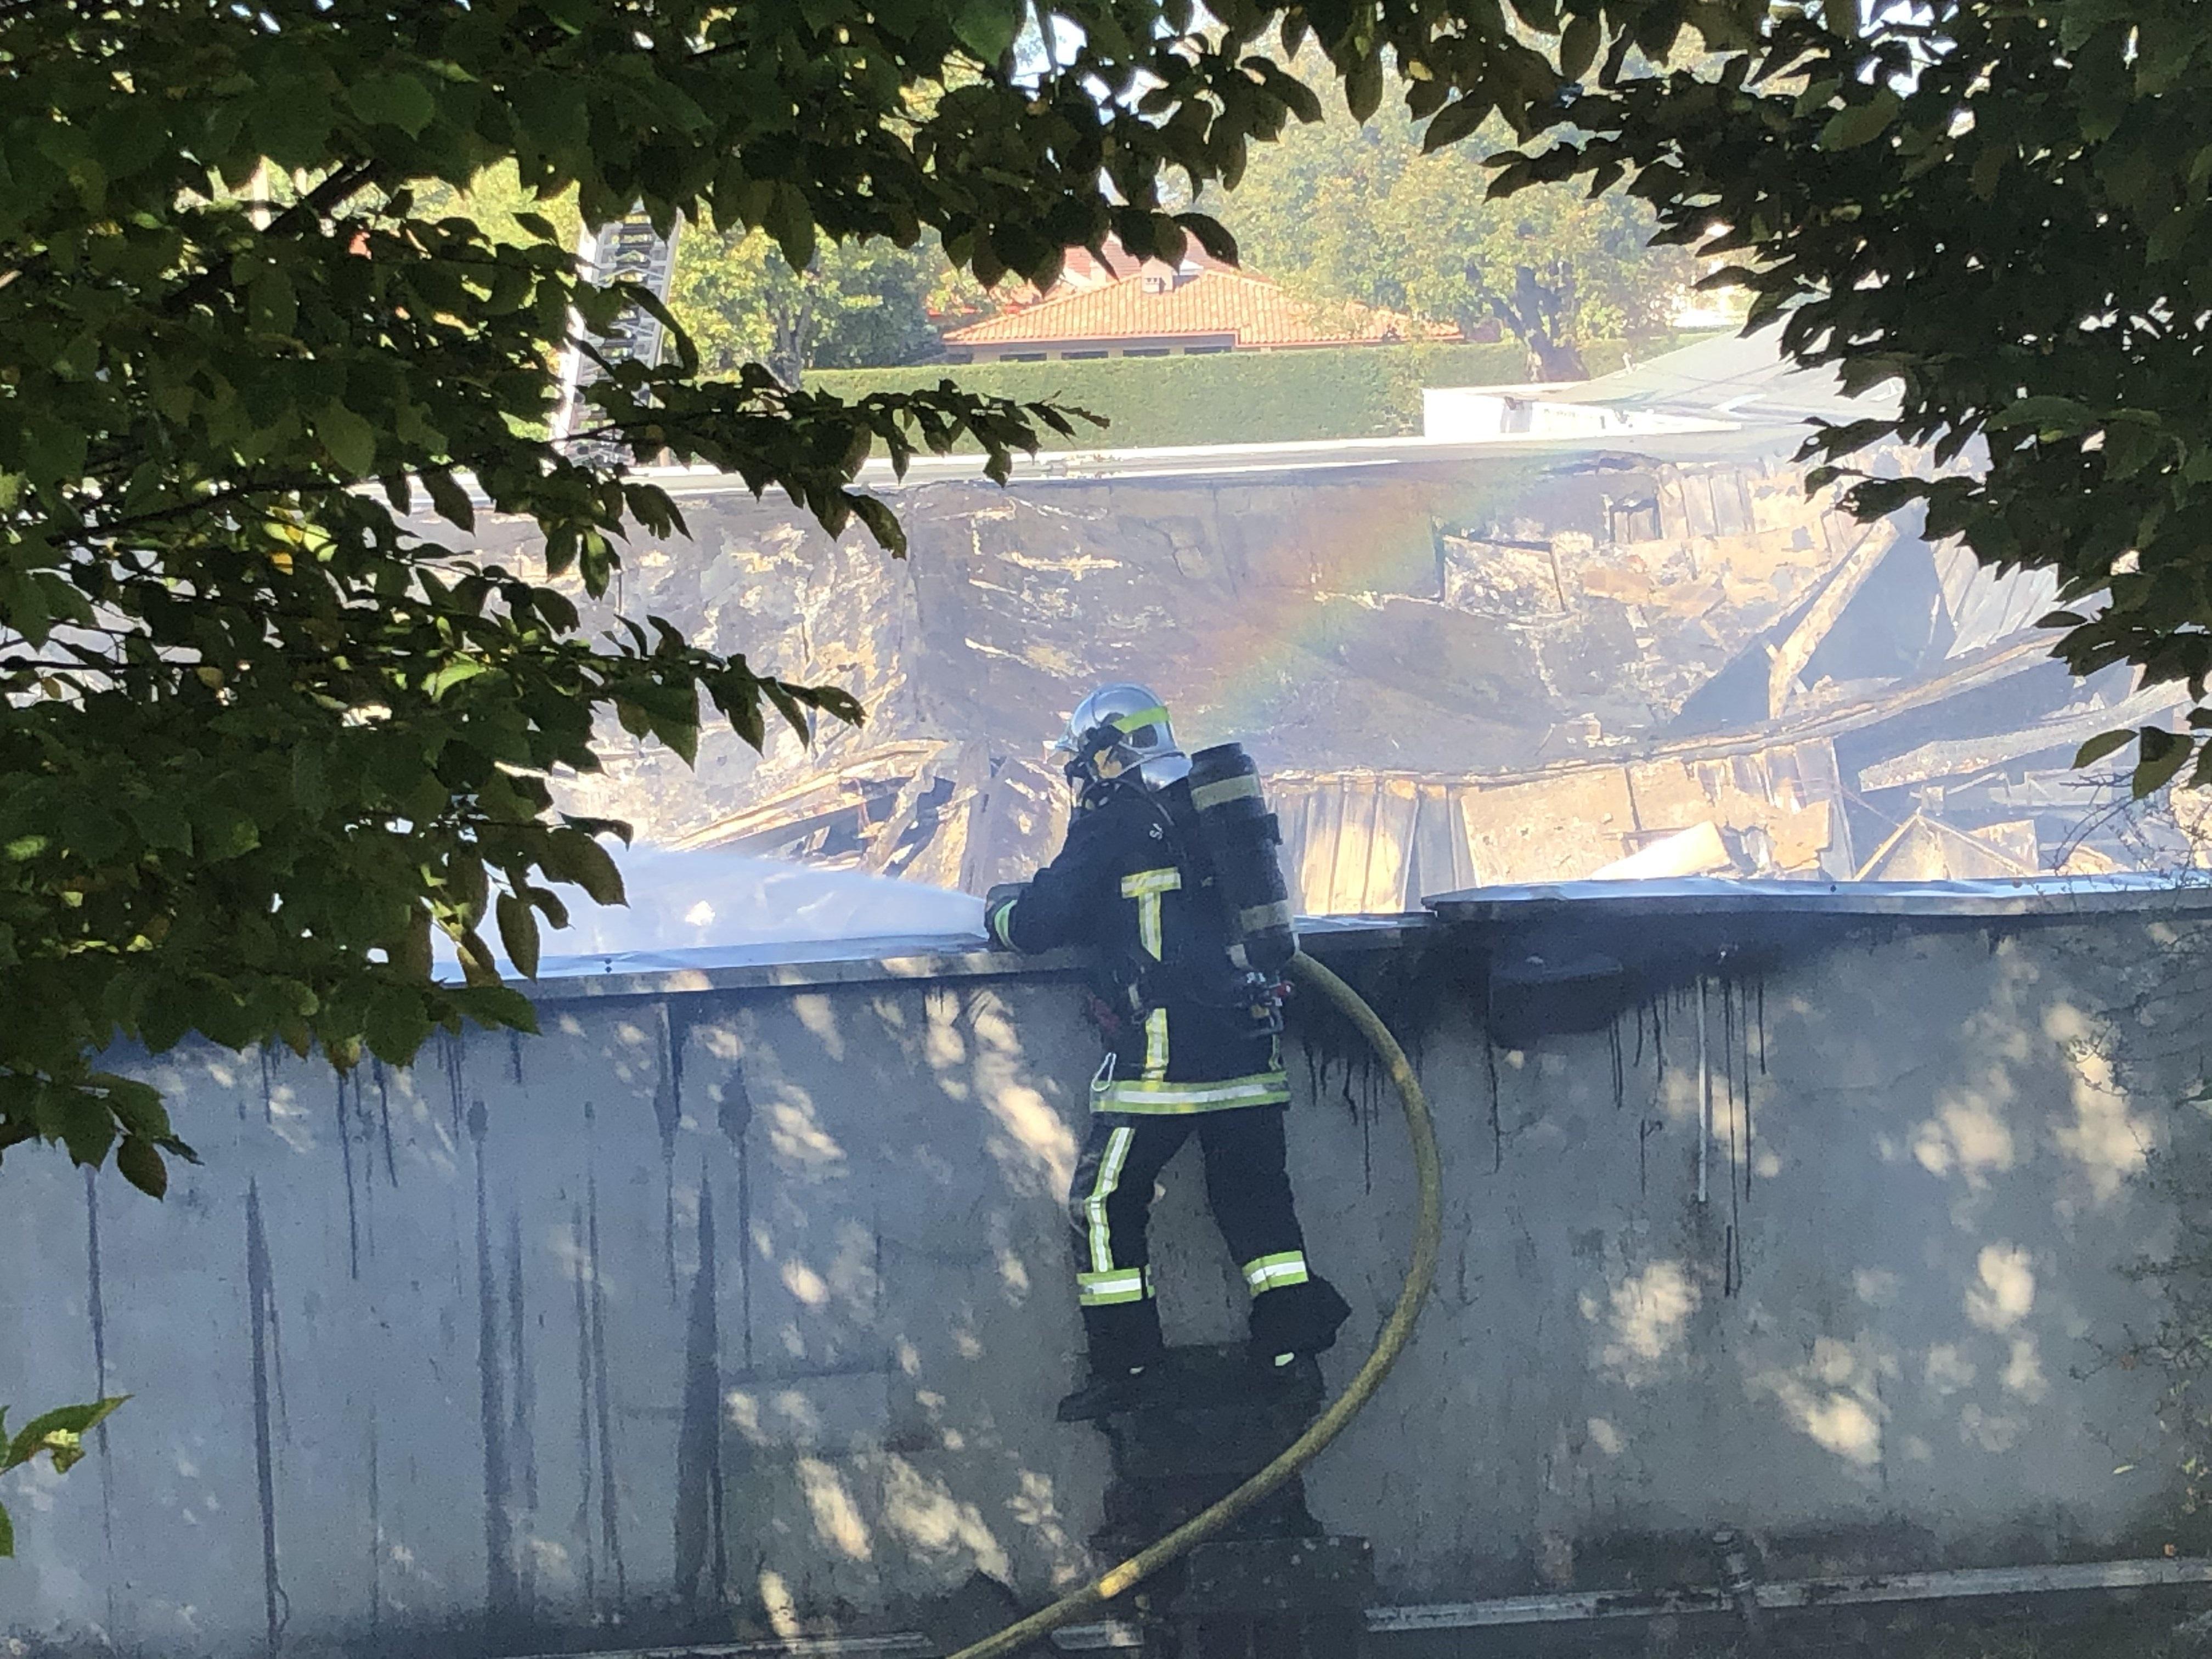 (PHOTOS & VIDEO) Incendie sur la zone commerciale de Marclaz : les dégâts sont importants